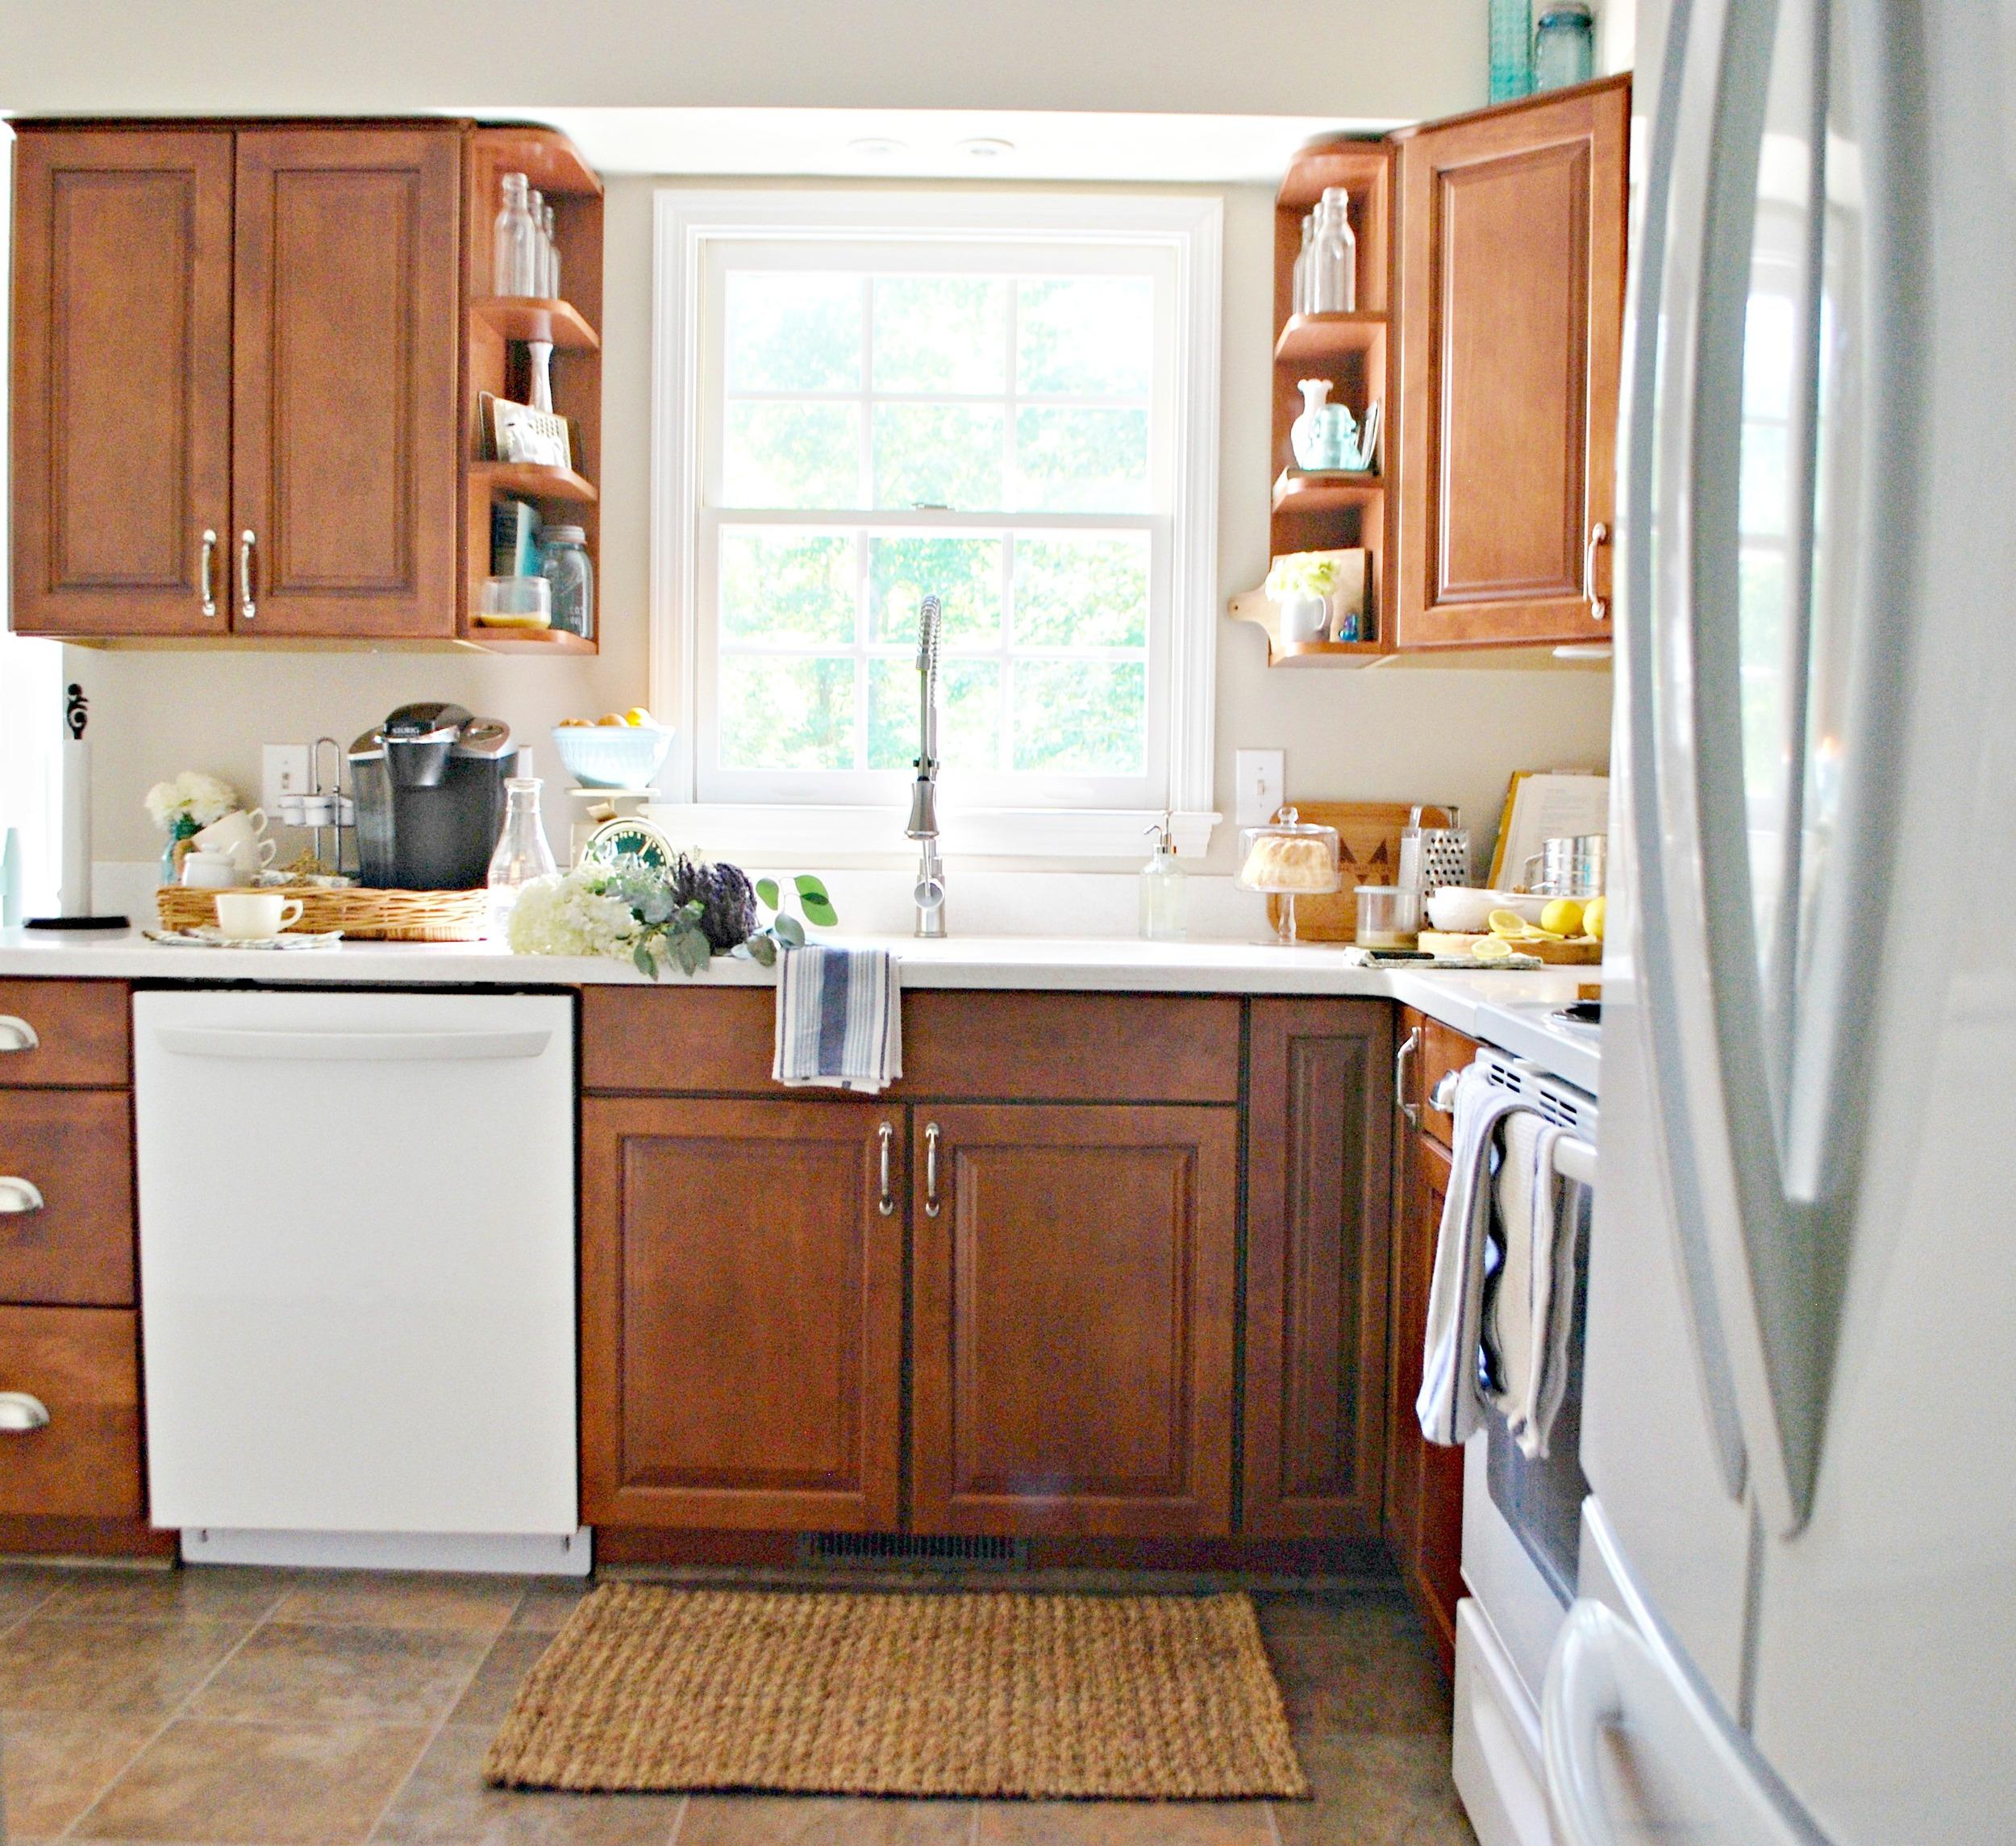 KitchenDesign.jpeg